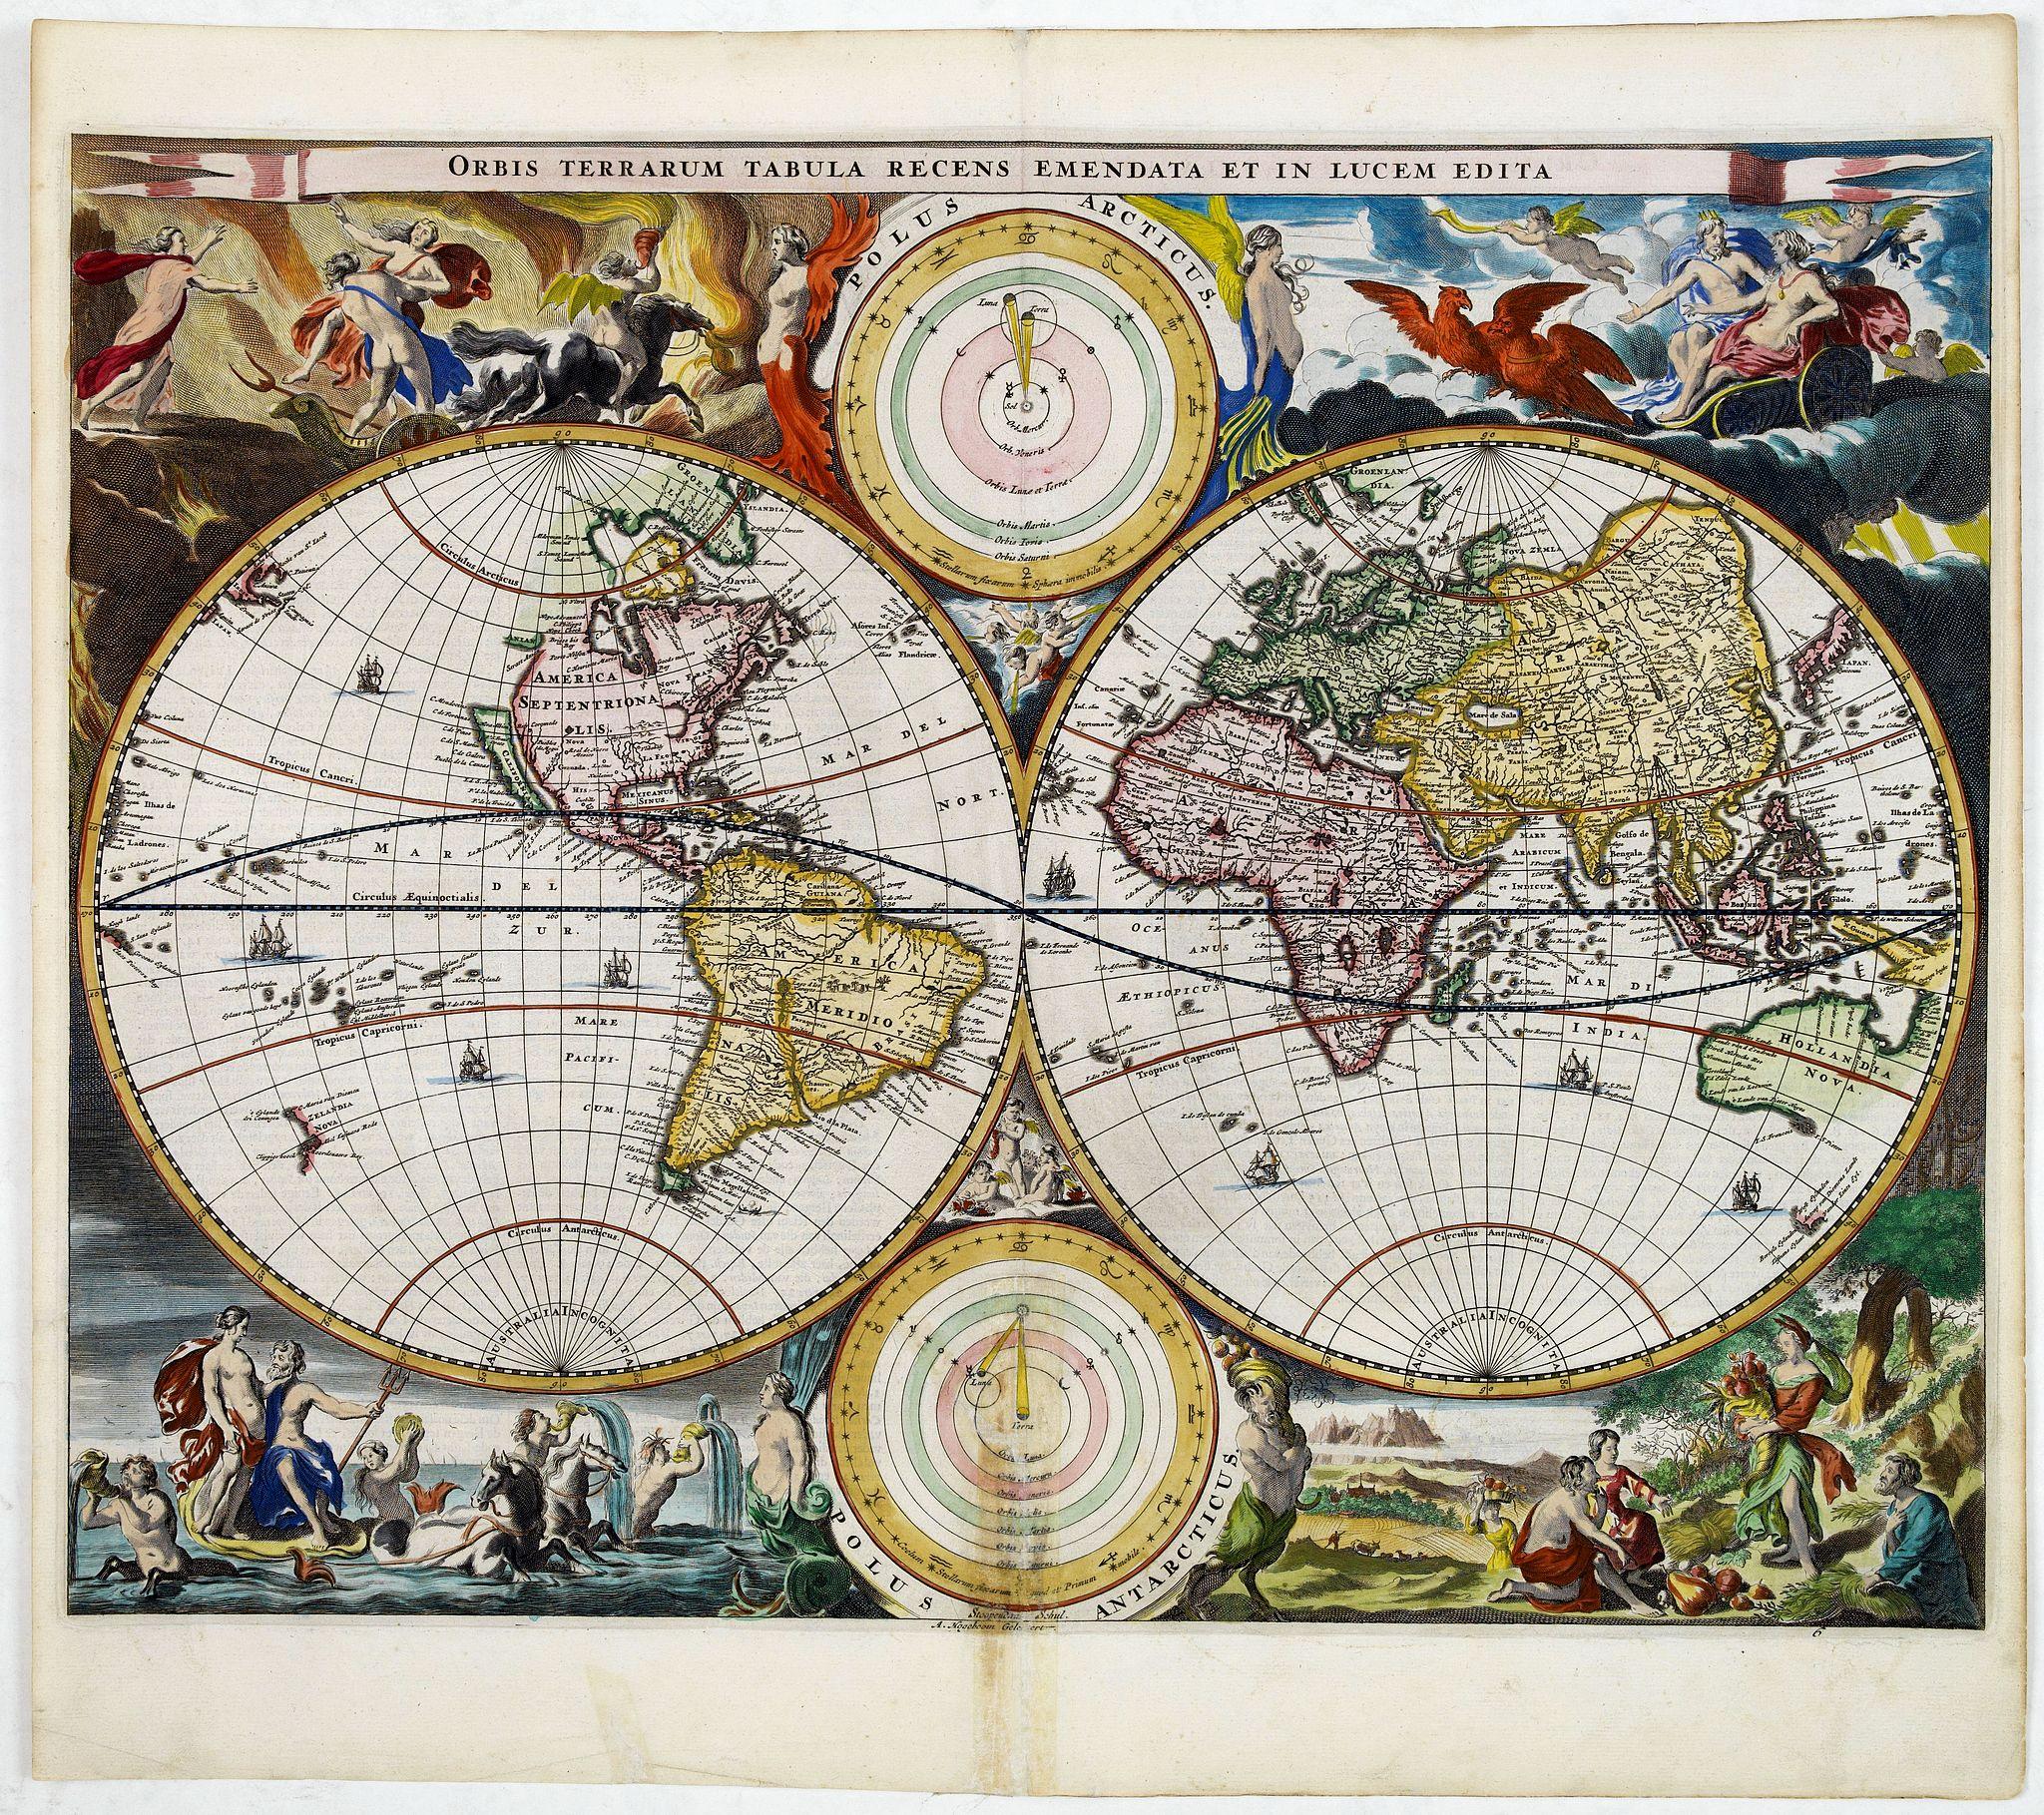 STOOPENDAAL, B. -  Orbis Terrarum Tabula recens emendata et in Lucem edita.